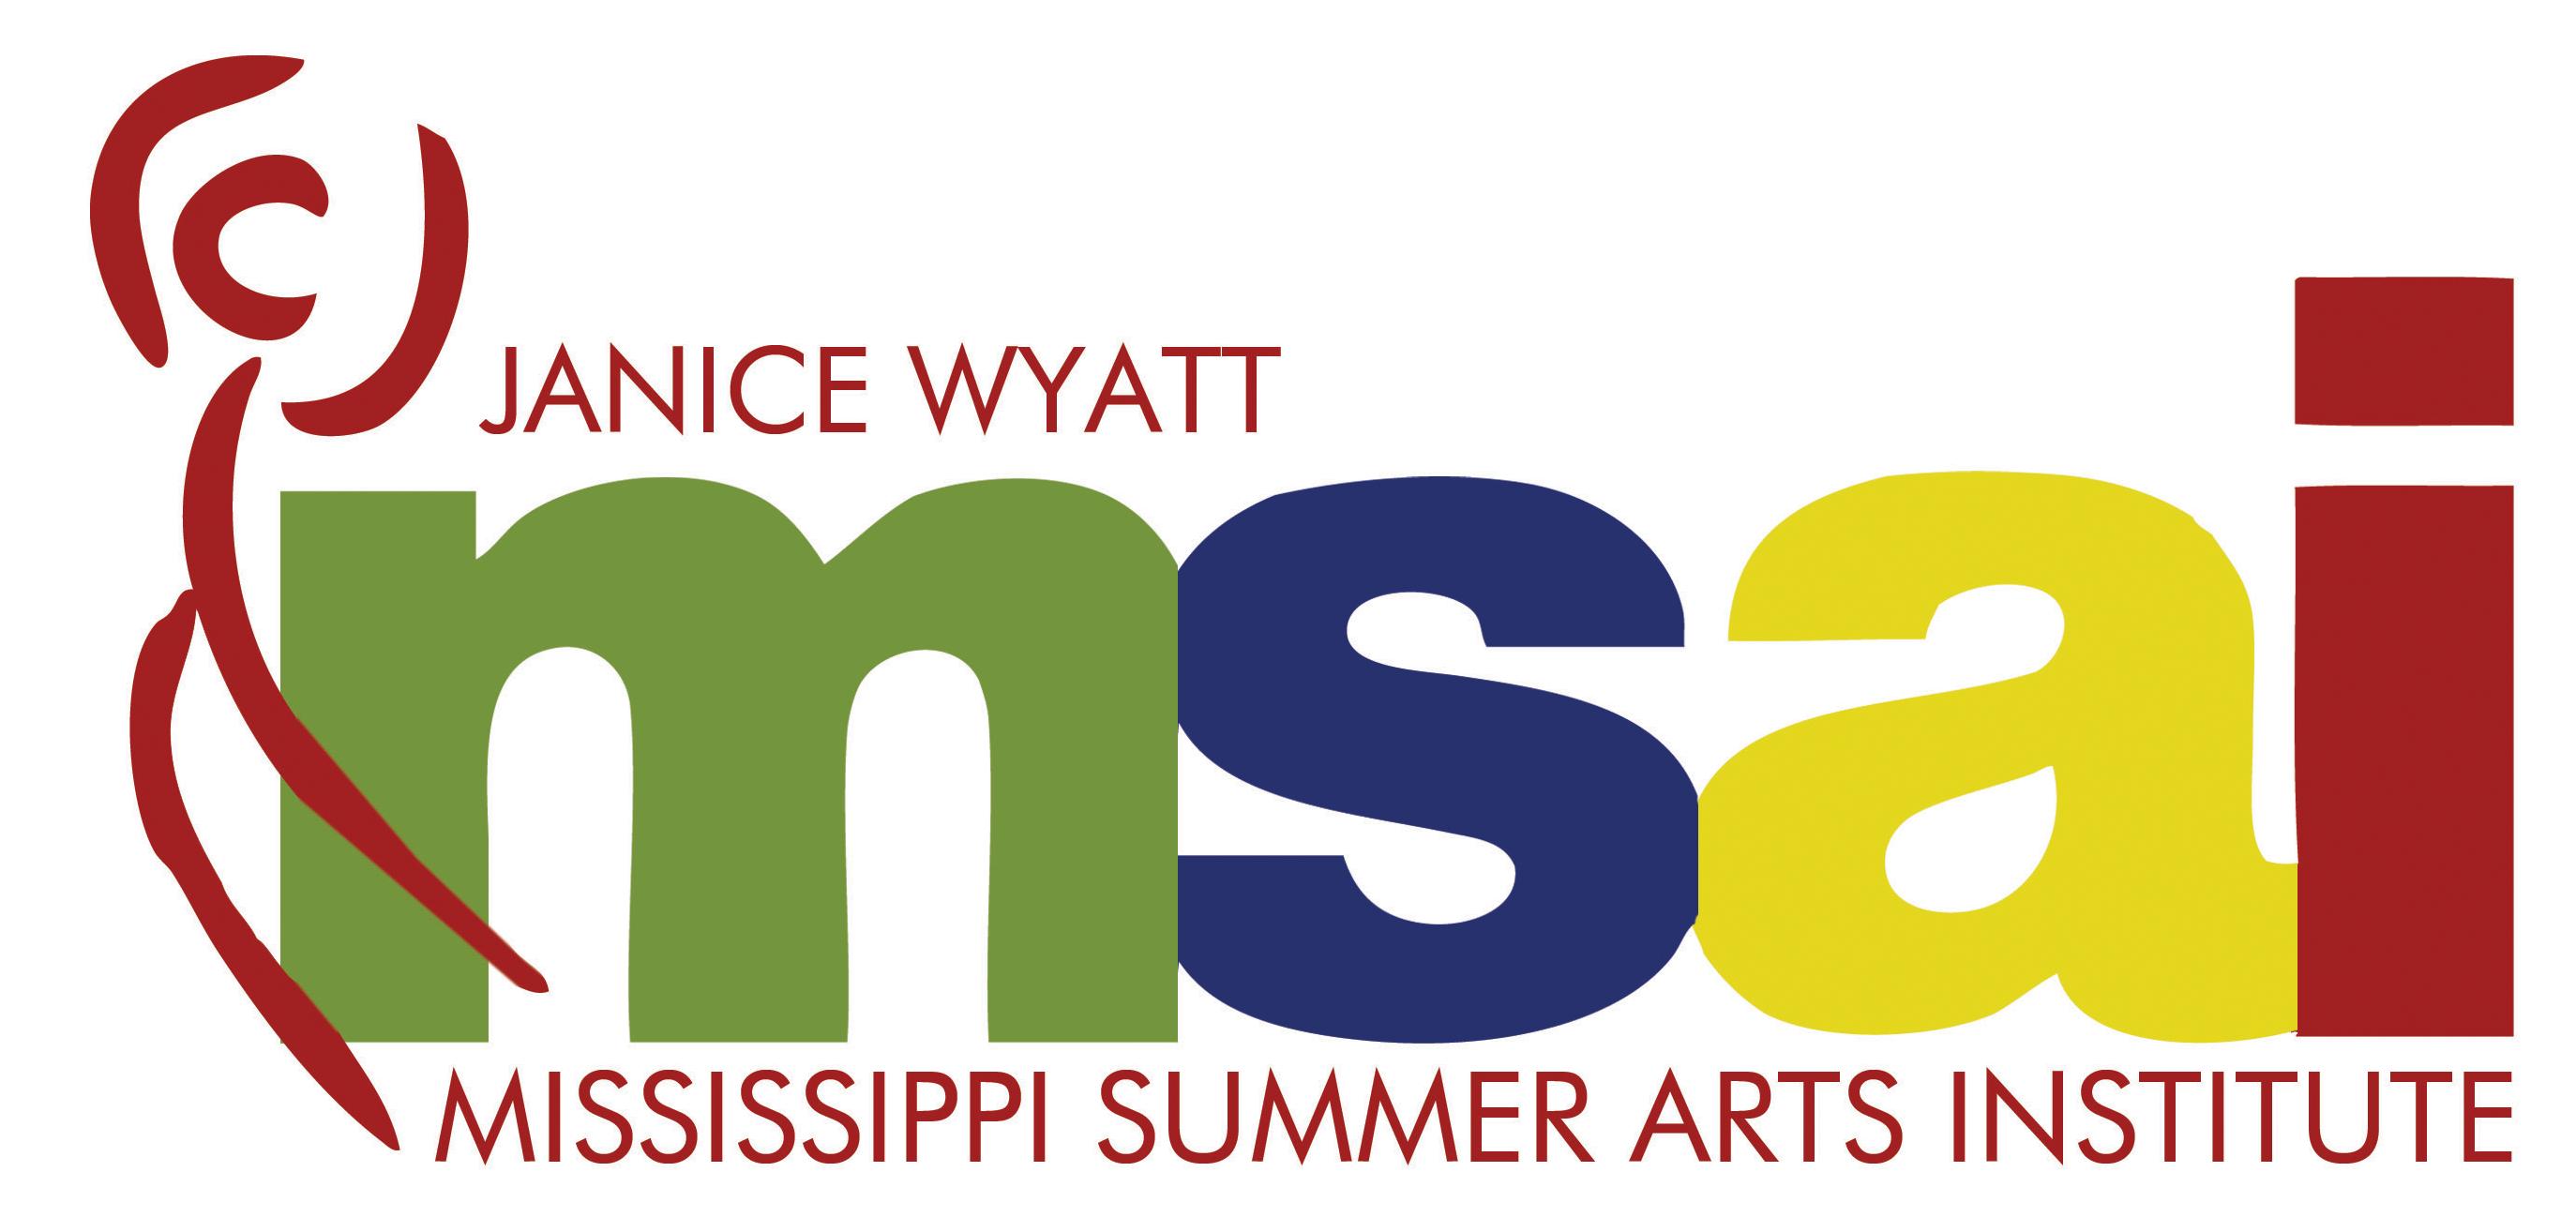 Janice Wyatt - MSAI